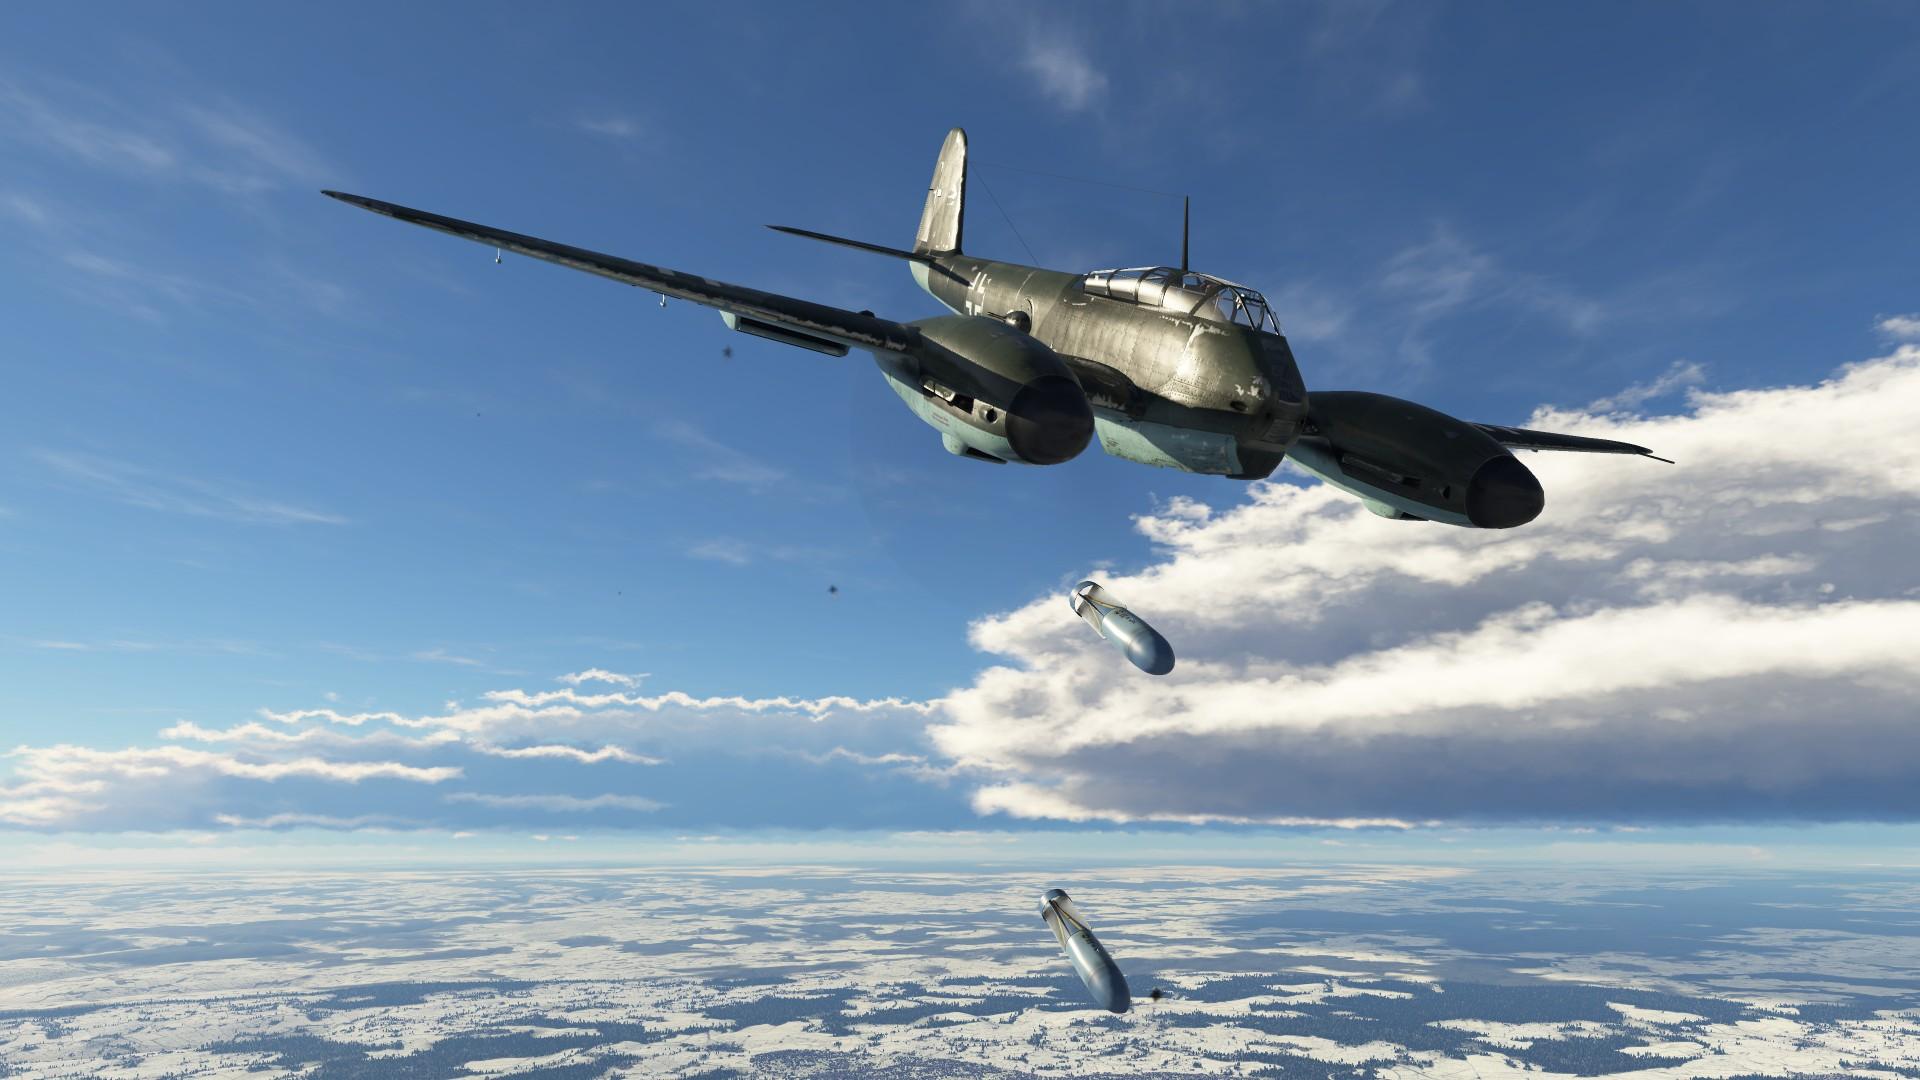 Обои Ме-410, war thunder, Самолёт, истребитель, война, Облака. Игры foto 9